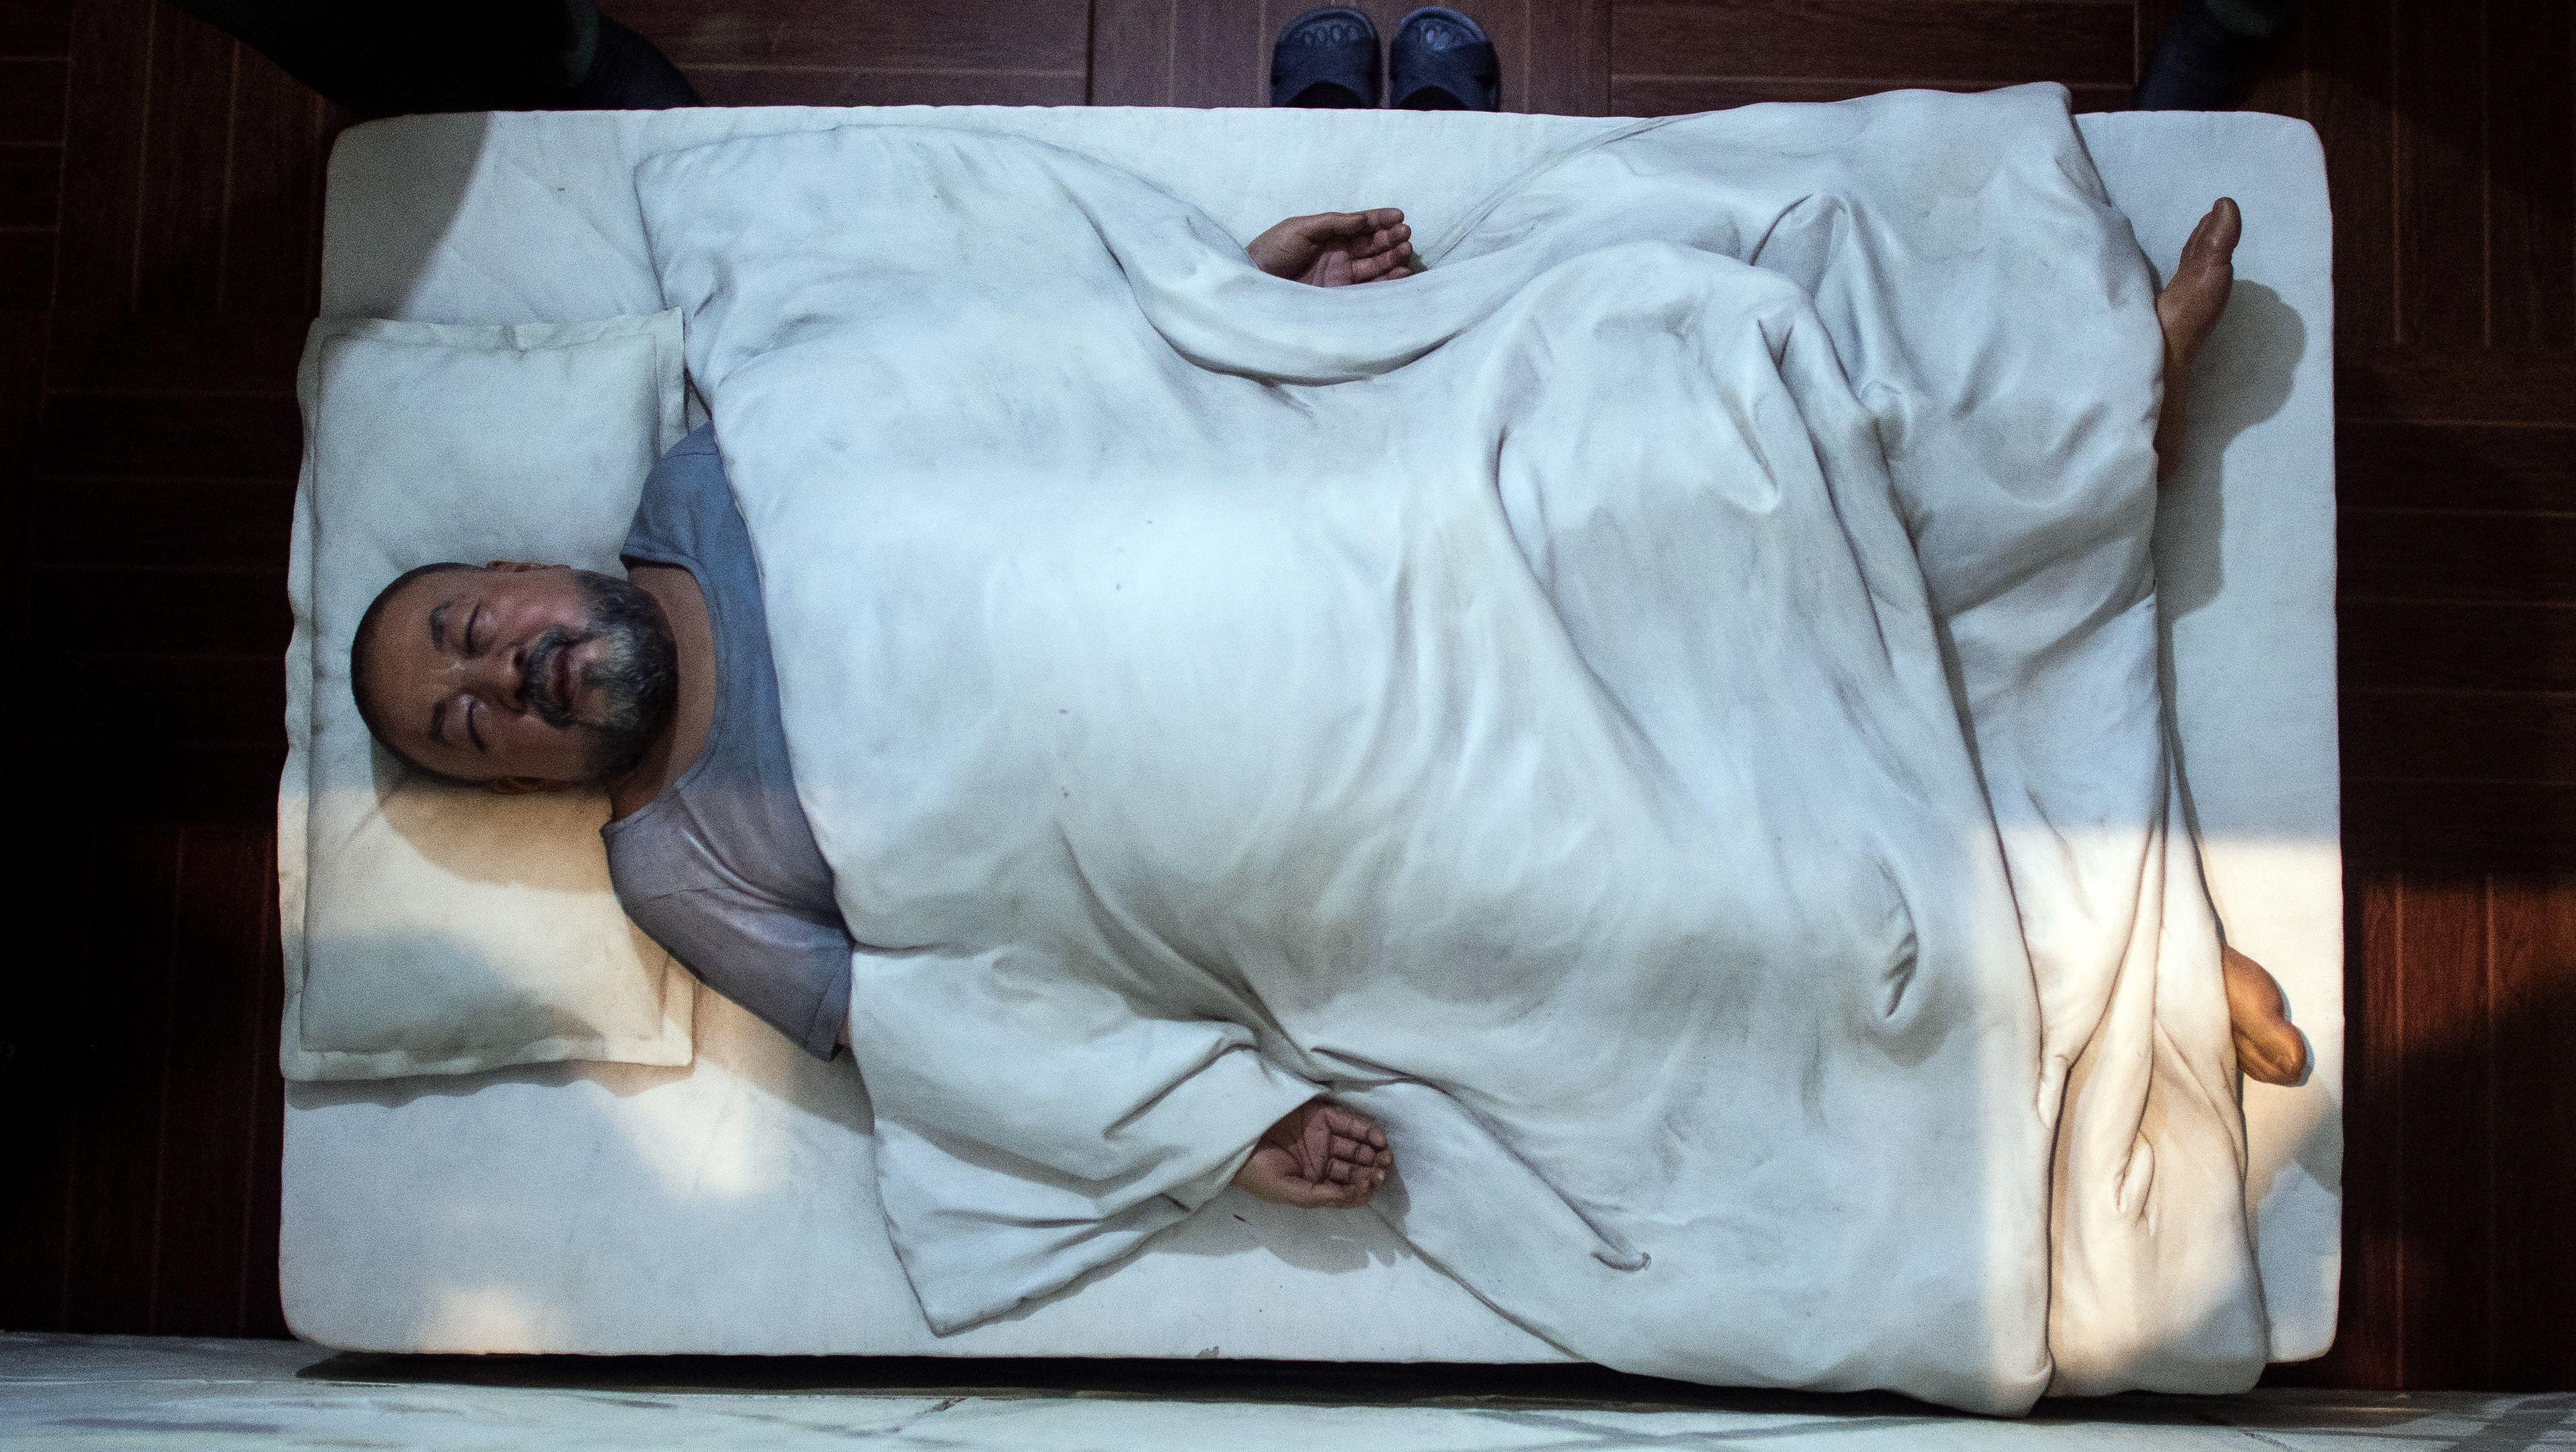 """Ein Detail des Kunstwerks """"S.A.C.R.E.D."""" des chinesischen Künstlers Ai Weiwei aus den Jahren 2011-2013 zeigt den Künstler in einem Bett liegend in Haft und ist in einem Saal der Kunstsammlung Nordrhein-Westfalen aufgebaut."""